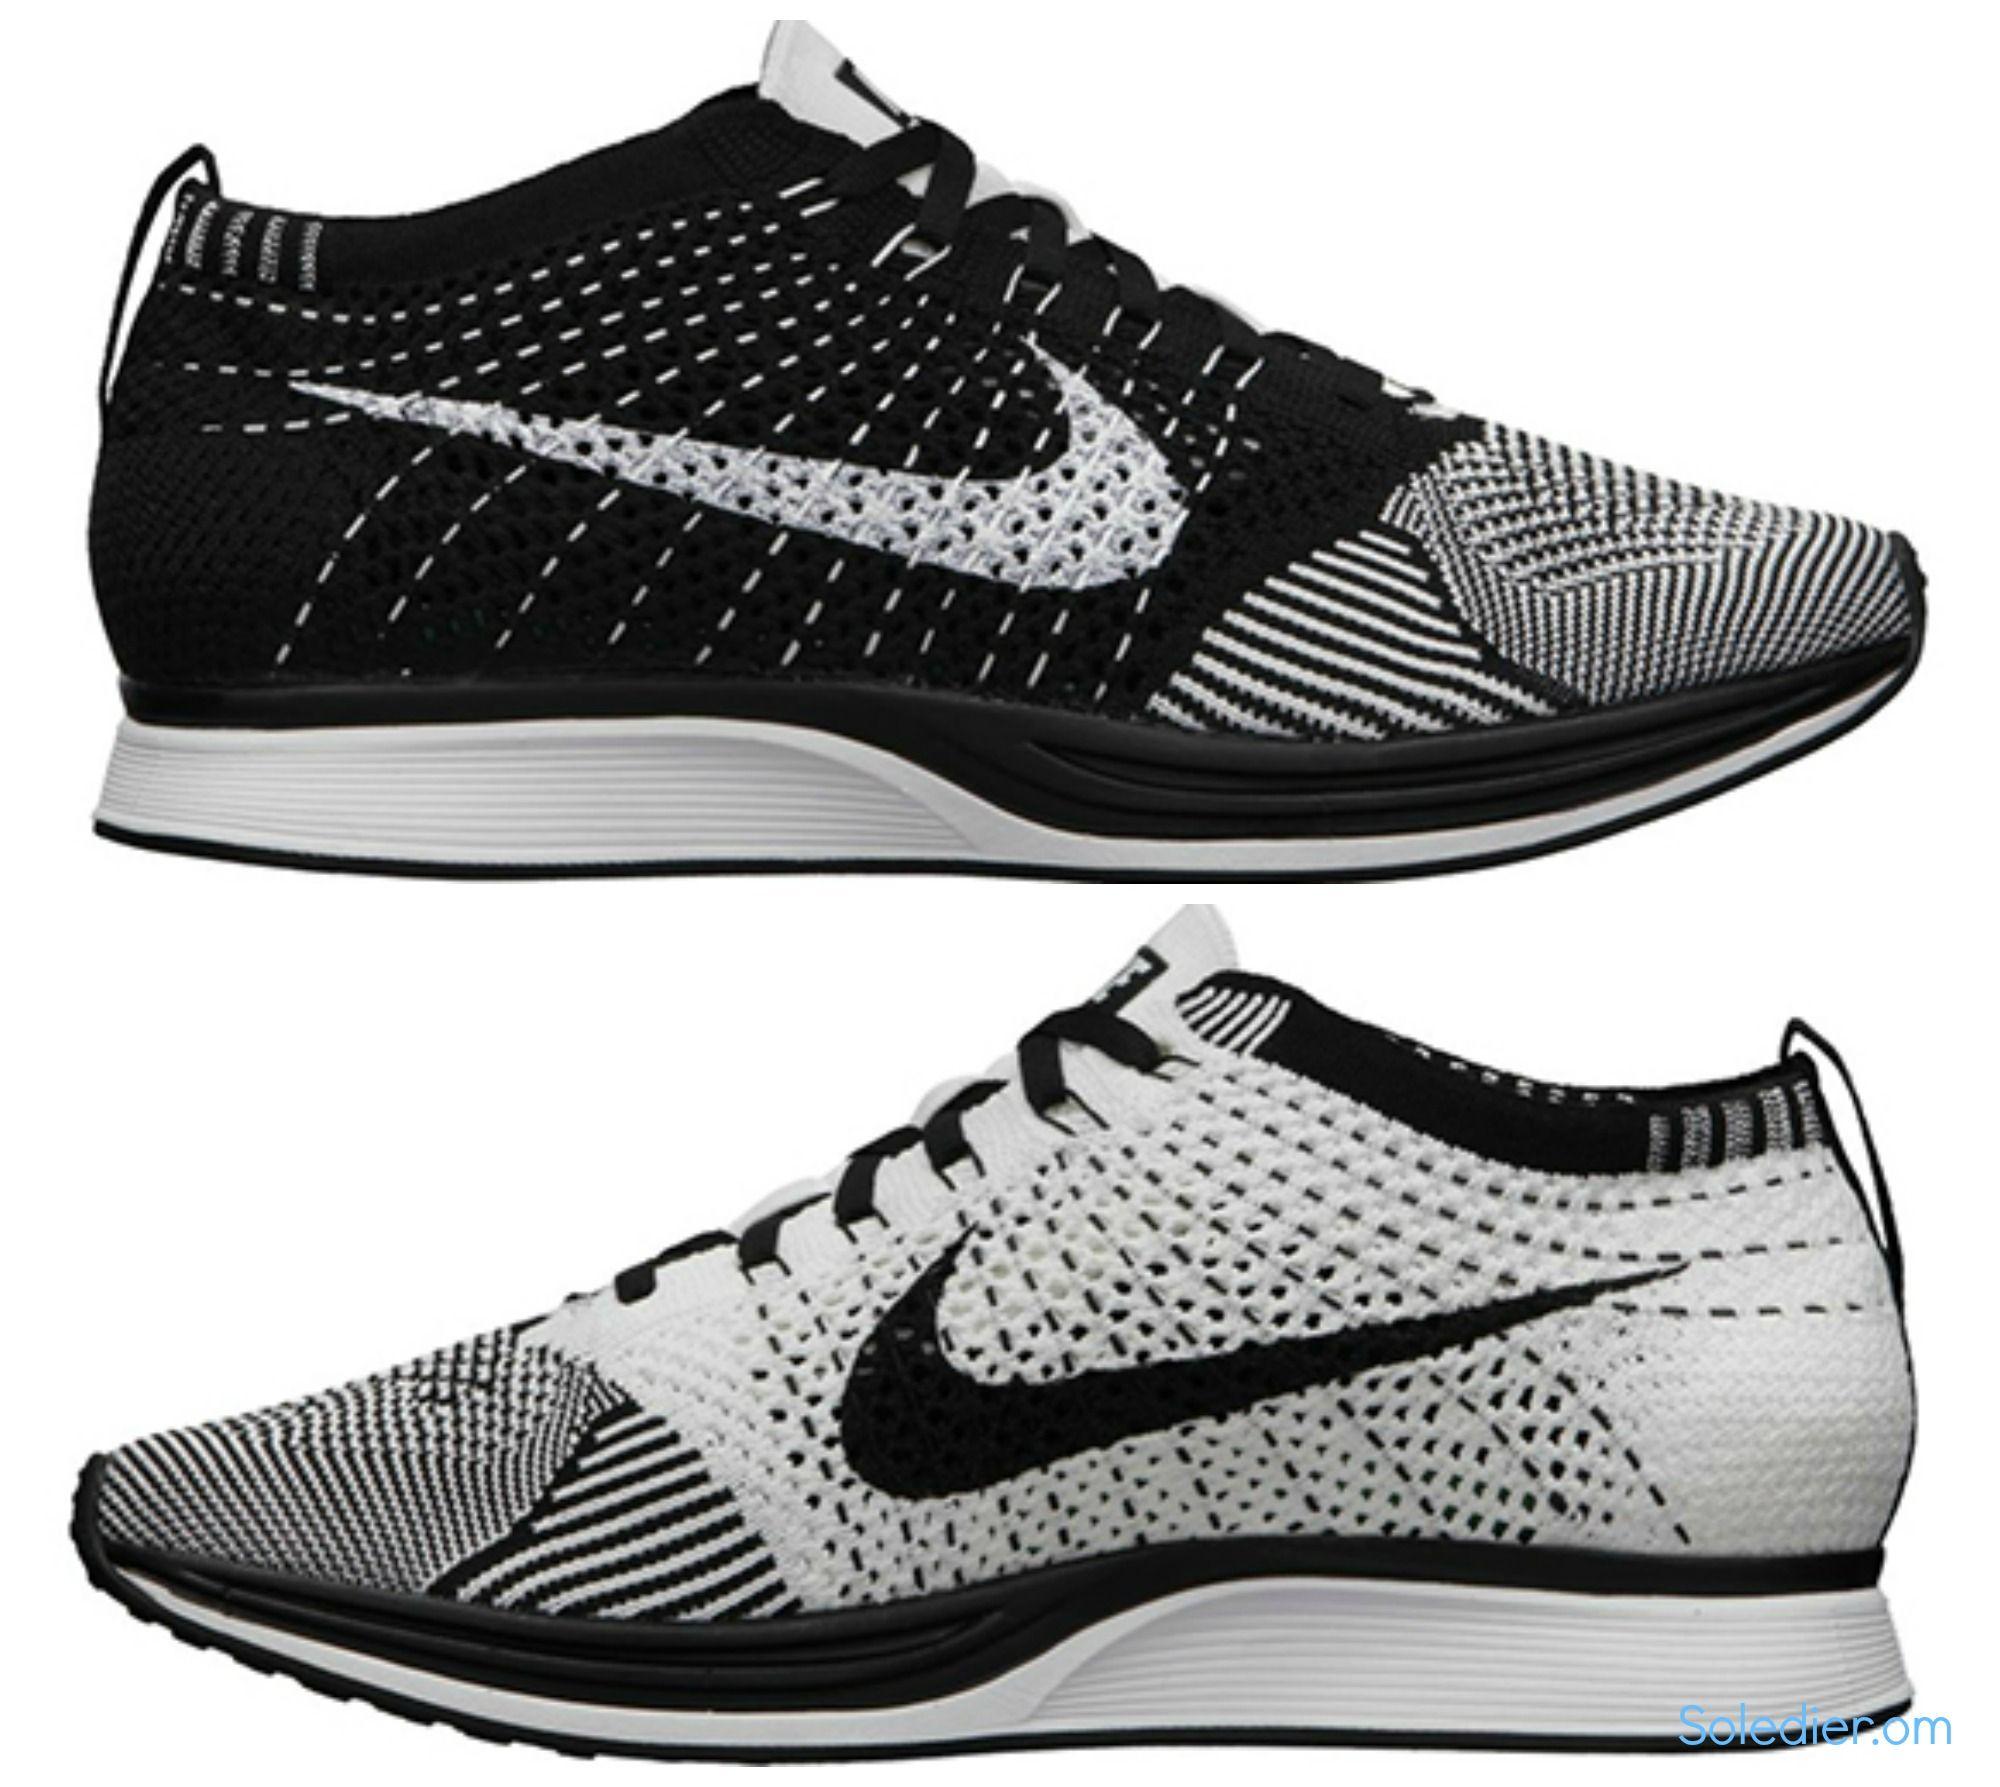 Nike Coureur Flyknit Chien Australian Noir Et Blanc vente magasin d'usine recherche en ligne PfITX